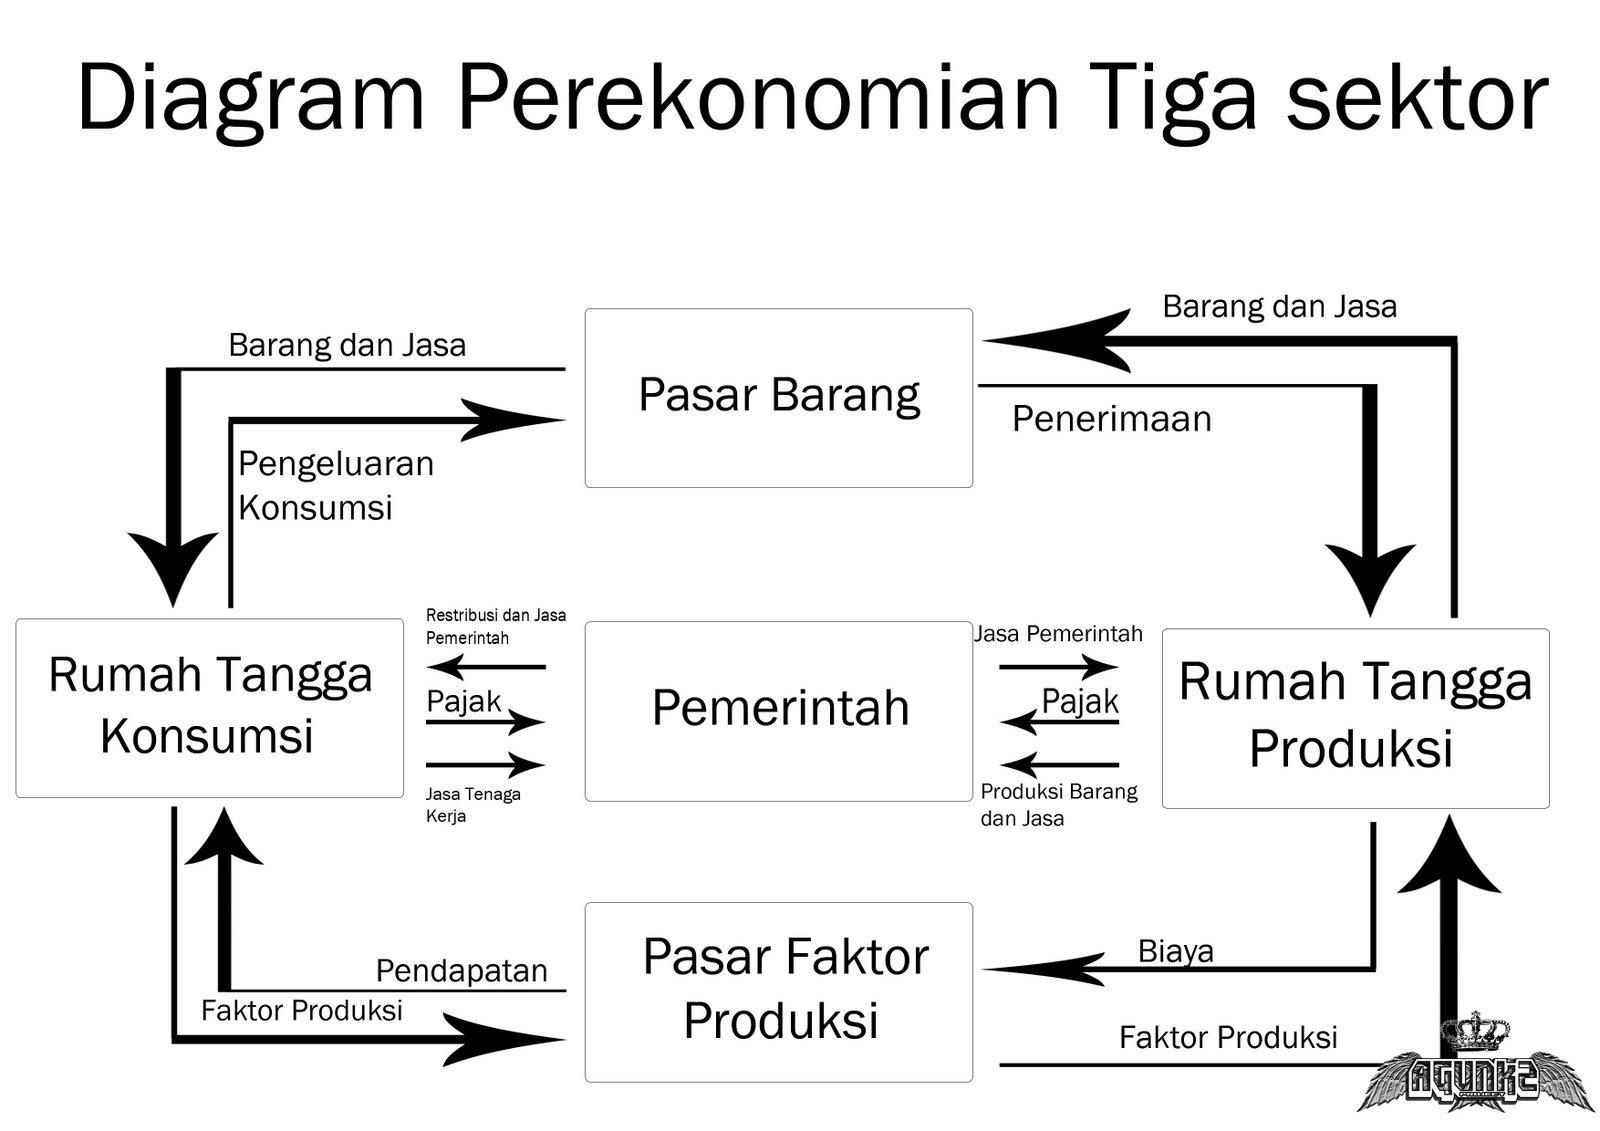 Apa yang dimaksud dengan circular flow diagram cfd diskusi ekonomi tiga sektorg1600x1131 156 kb ccuart Gallery